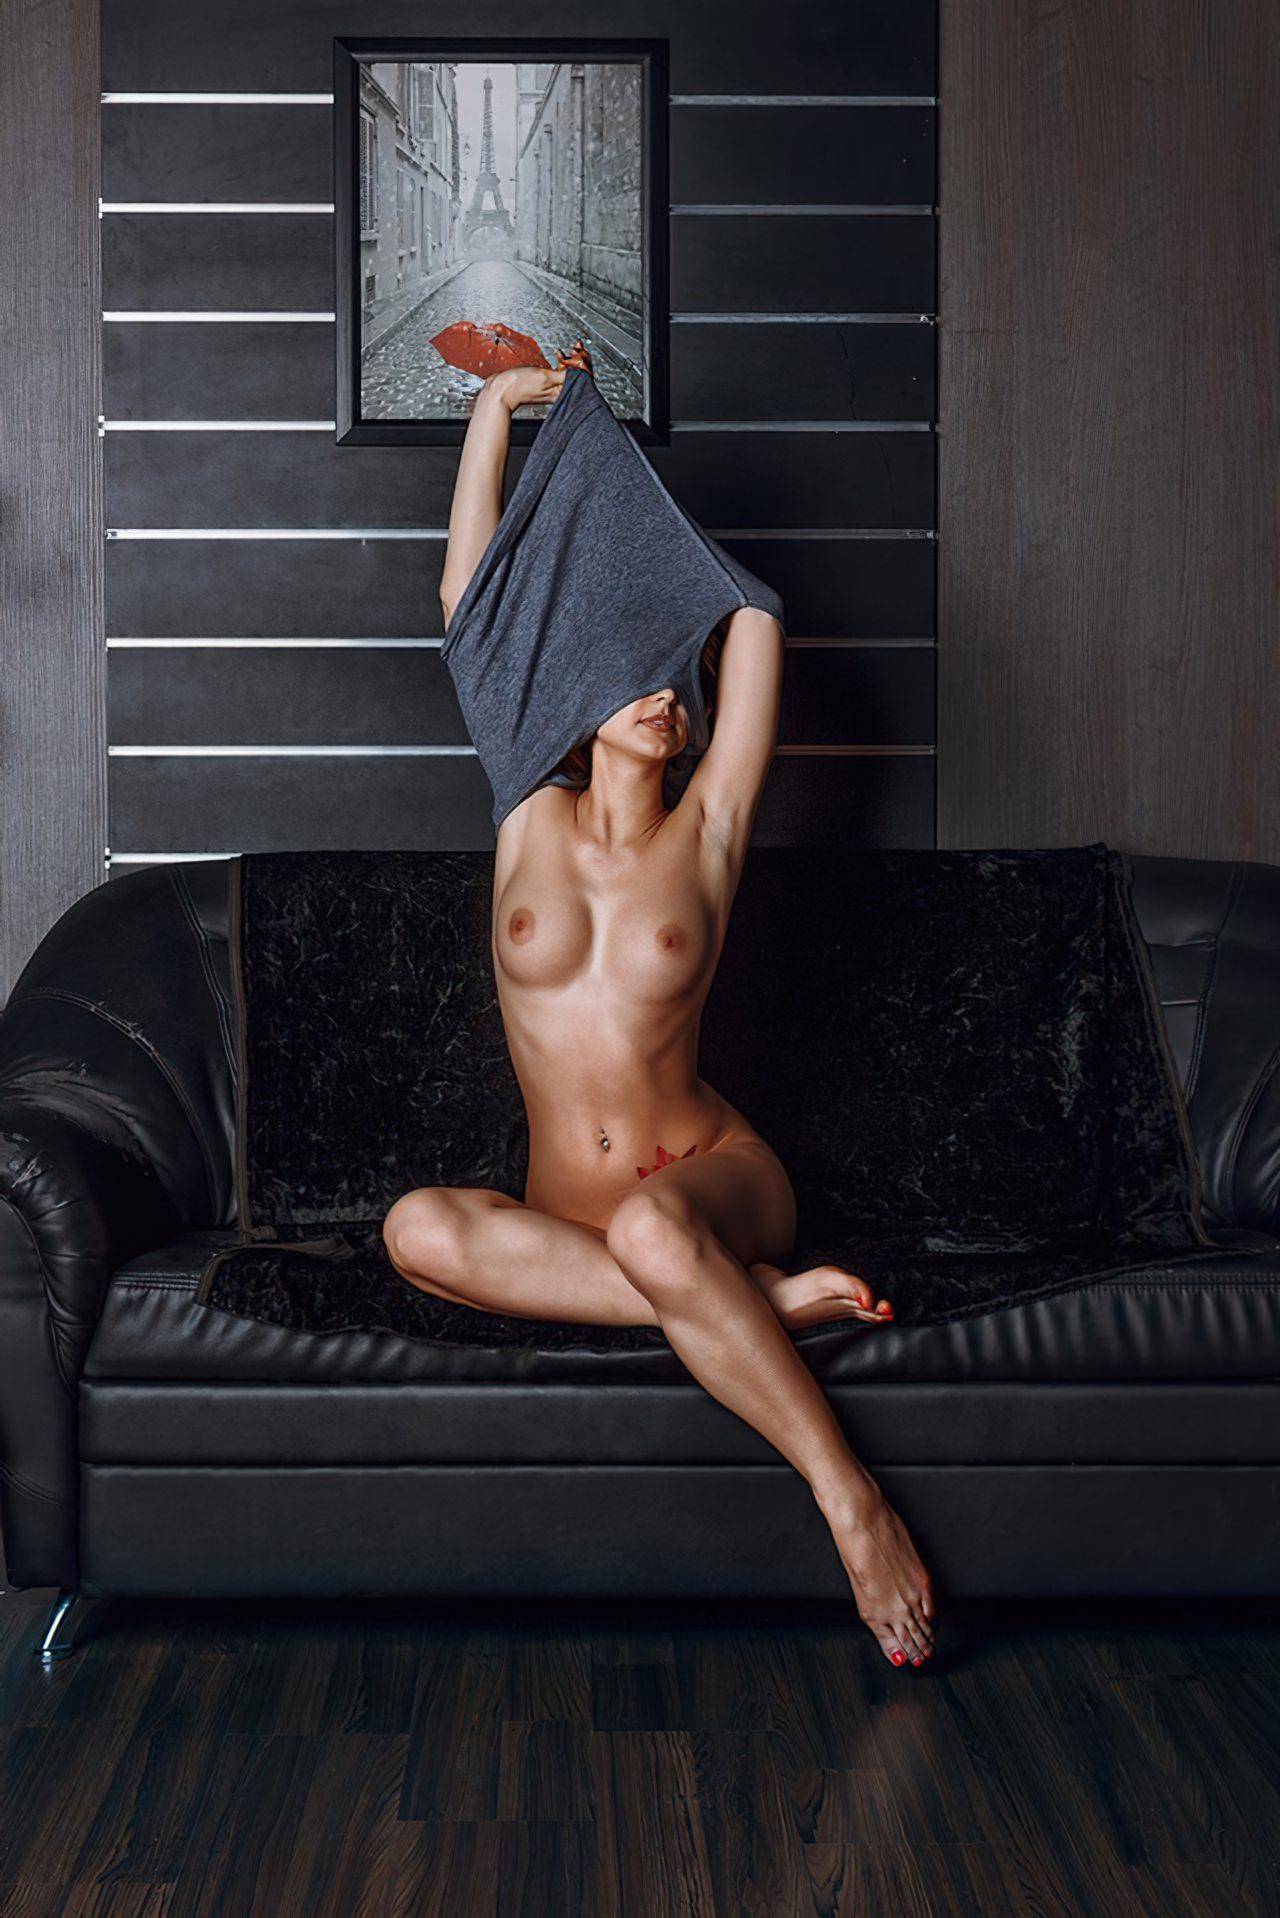 Mulheres Sem Roupa (10)